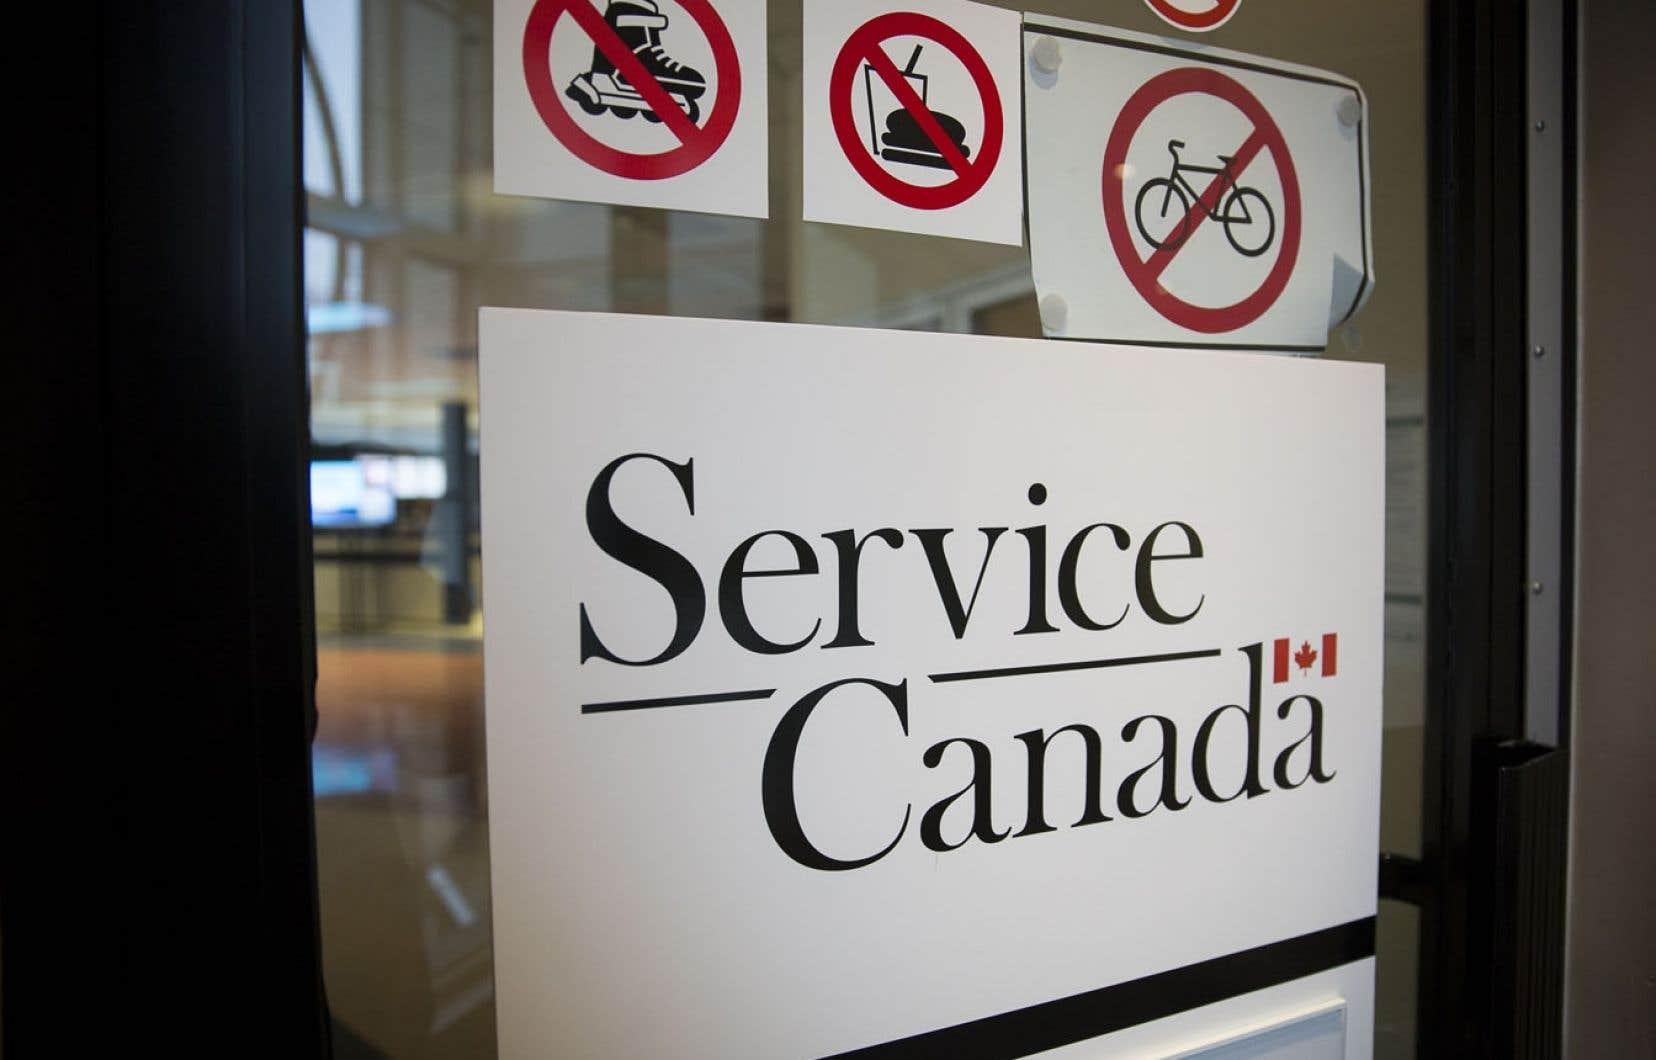 Service Canada estime normal de vouloir récupérer les trop-payés de l'usine Fruits de mer de l'Est de Matane : « La Commission a le droit de reconsidérer une demande de prestation jusqu'à 36 mois après que des prestations ont été versées», a répondu l'agence.